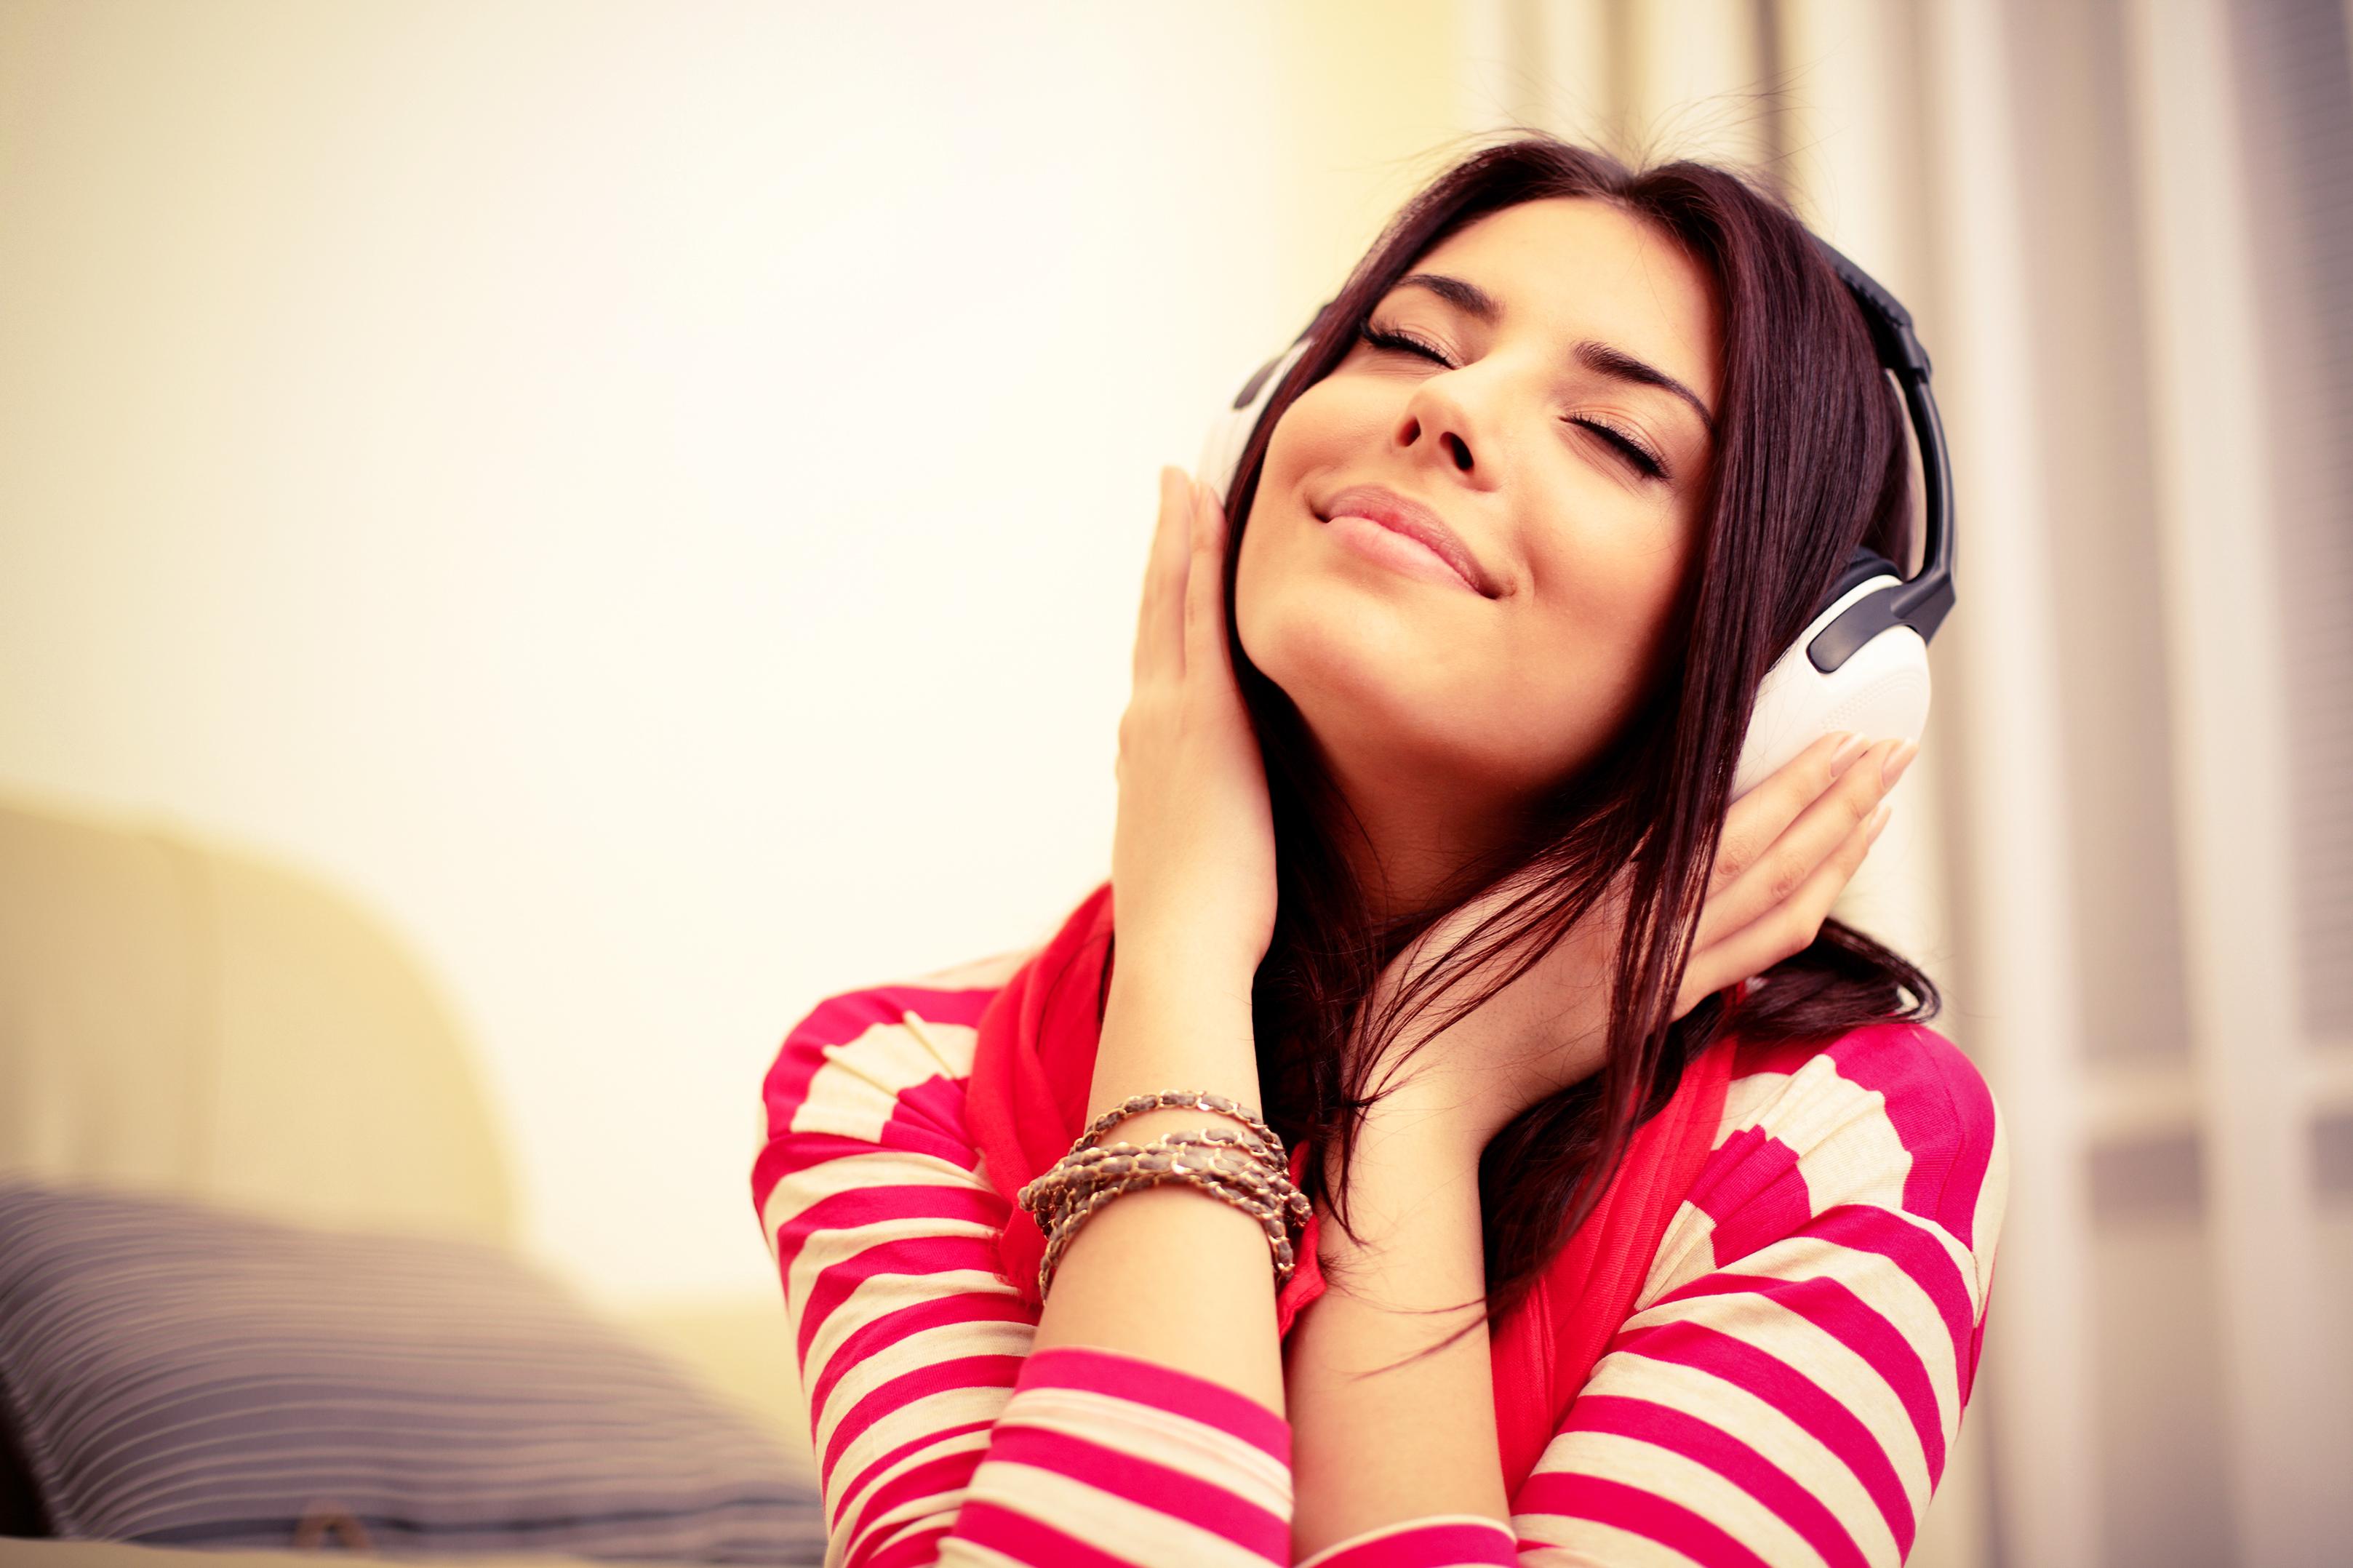 Put photos to music free Photobucket - Photo and image hosting, free photo